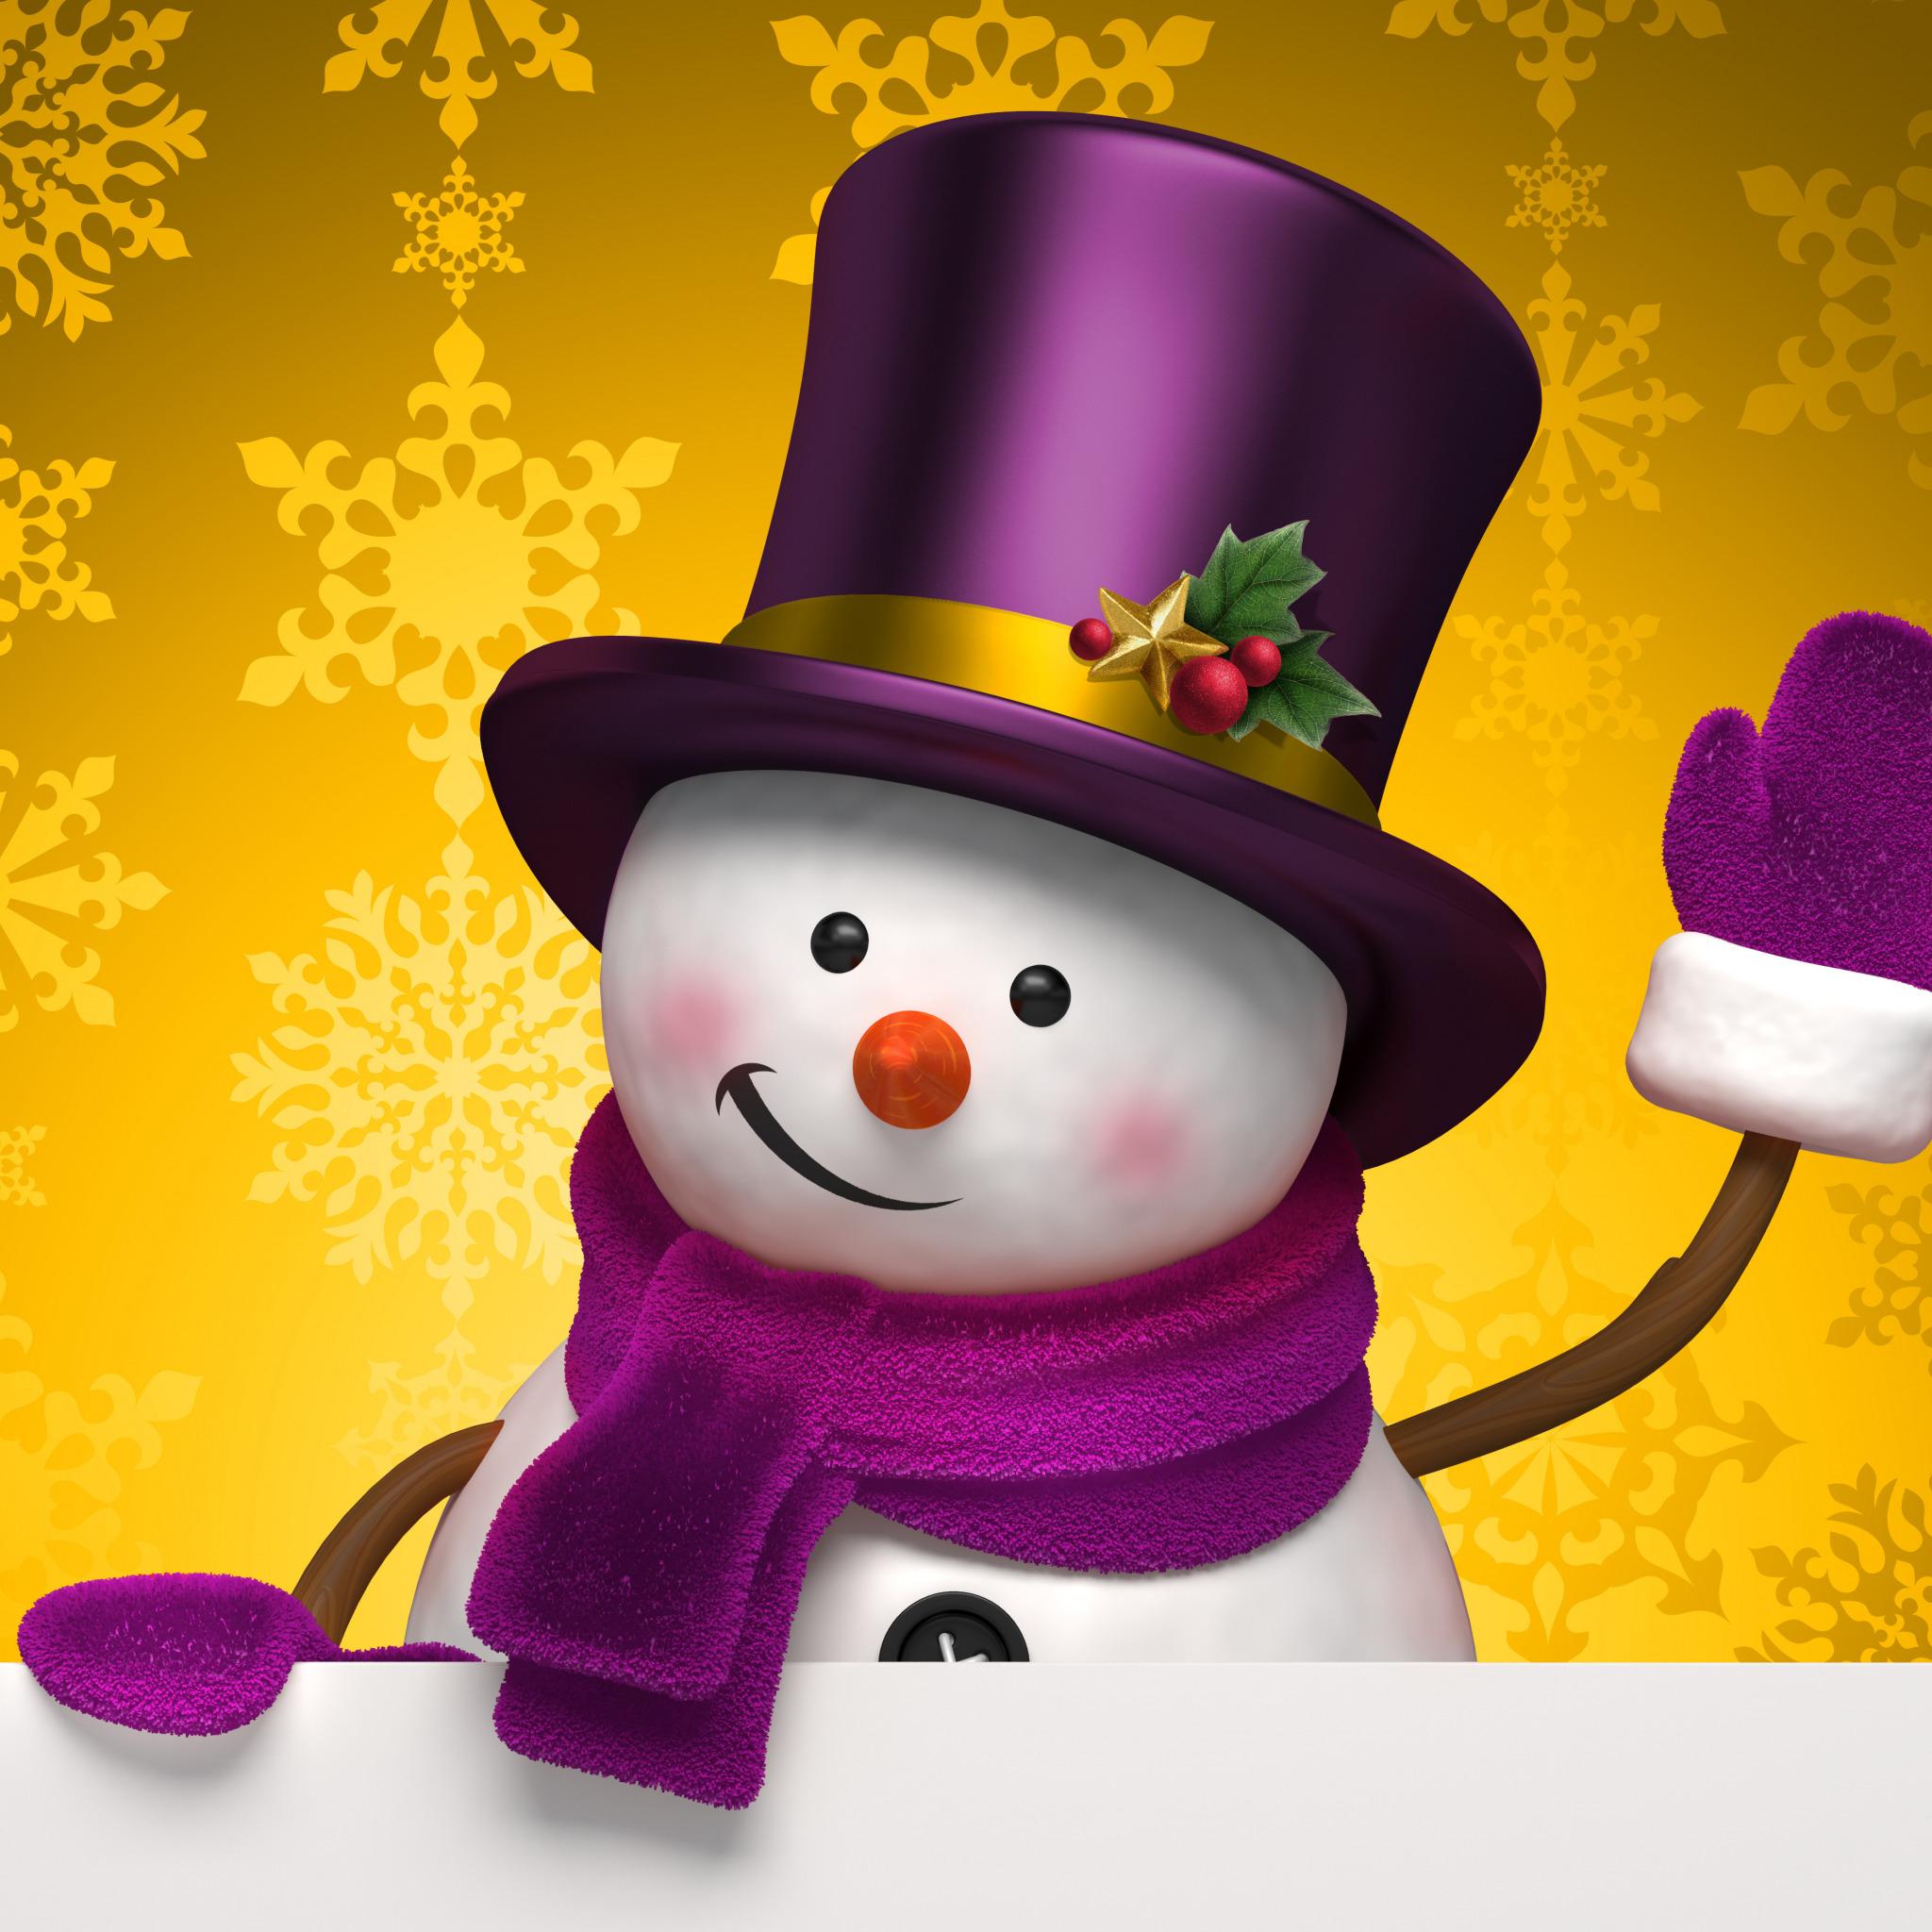 Обои На Телефон Зима Новый Год Прикольные